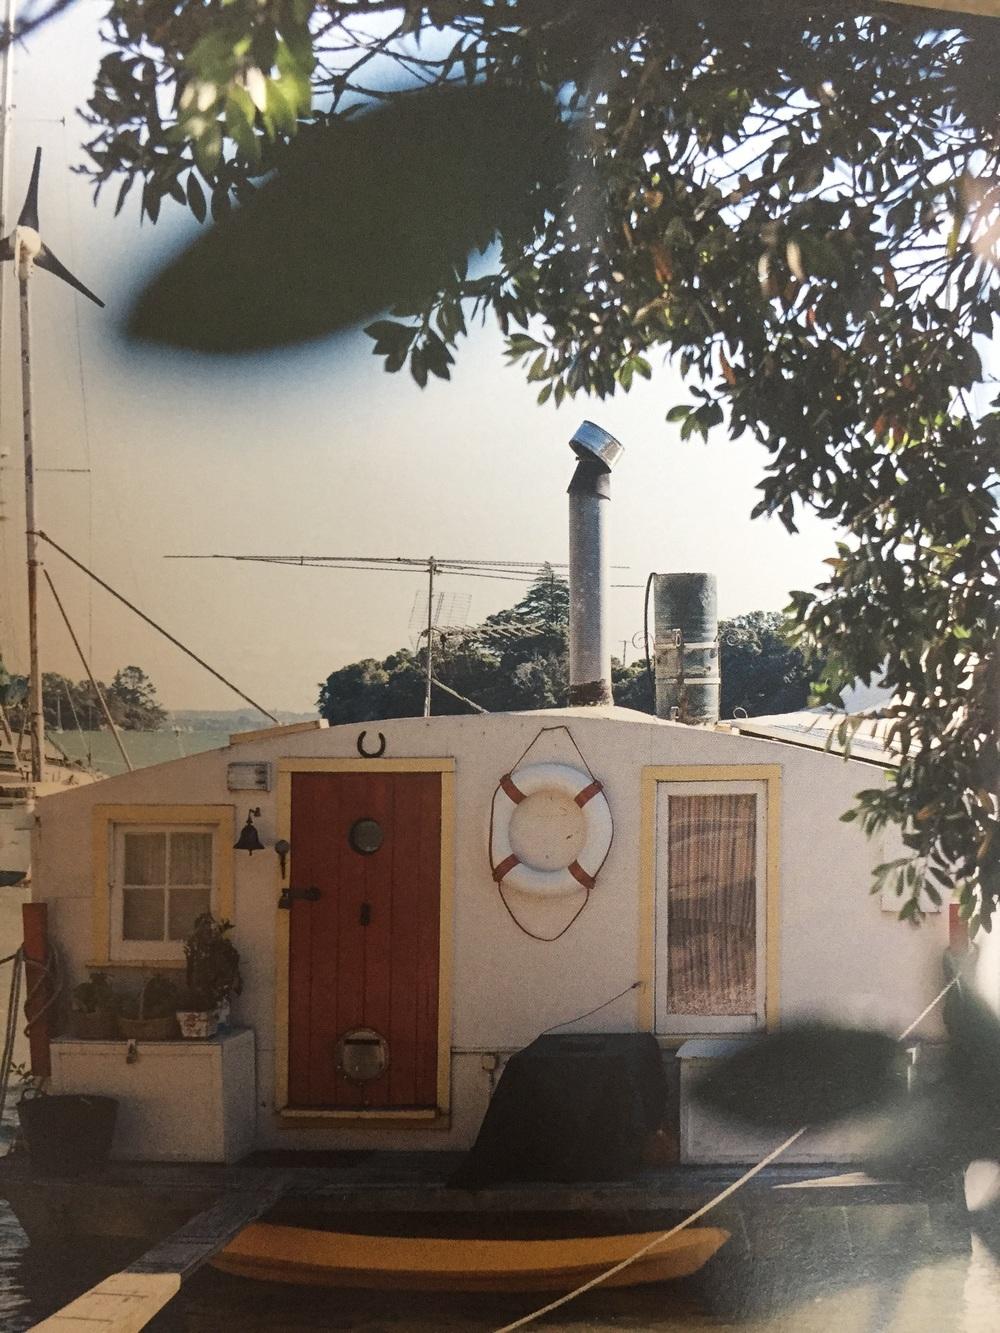 House boat Duncan Innes pg 79